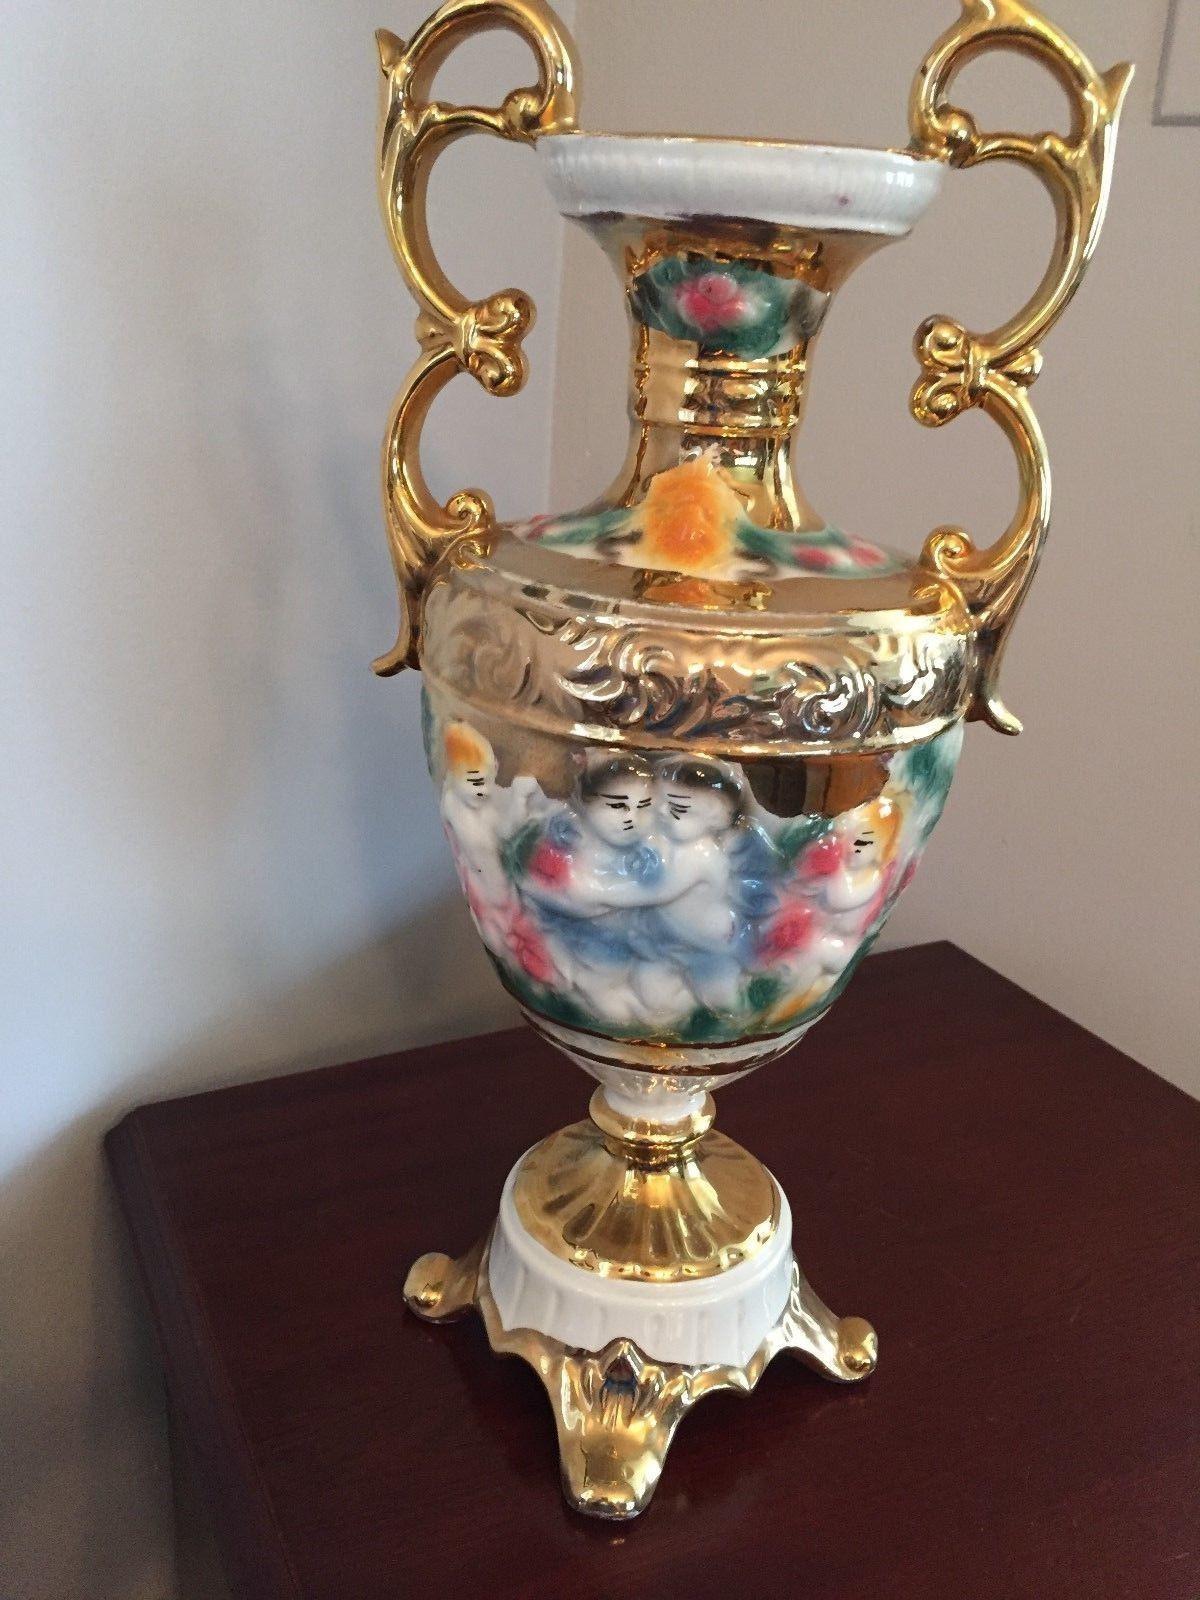 Vintage Capodimonte Vase Of Double Handled Vintage Capodimonte Vase Urn Made In Italy 2054 A Intended for 1 Of 7 Double Handled Vintage Capodimonte Vase Urn Made In Italy 2054 A Cherubs Putti 2 Of 7 Double Handled Vintage Capodimonte Vase